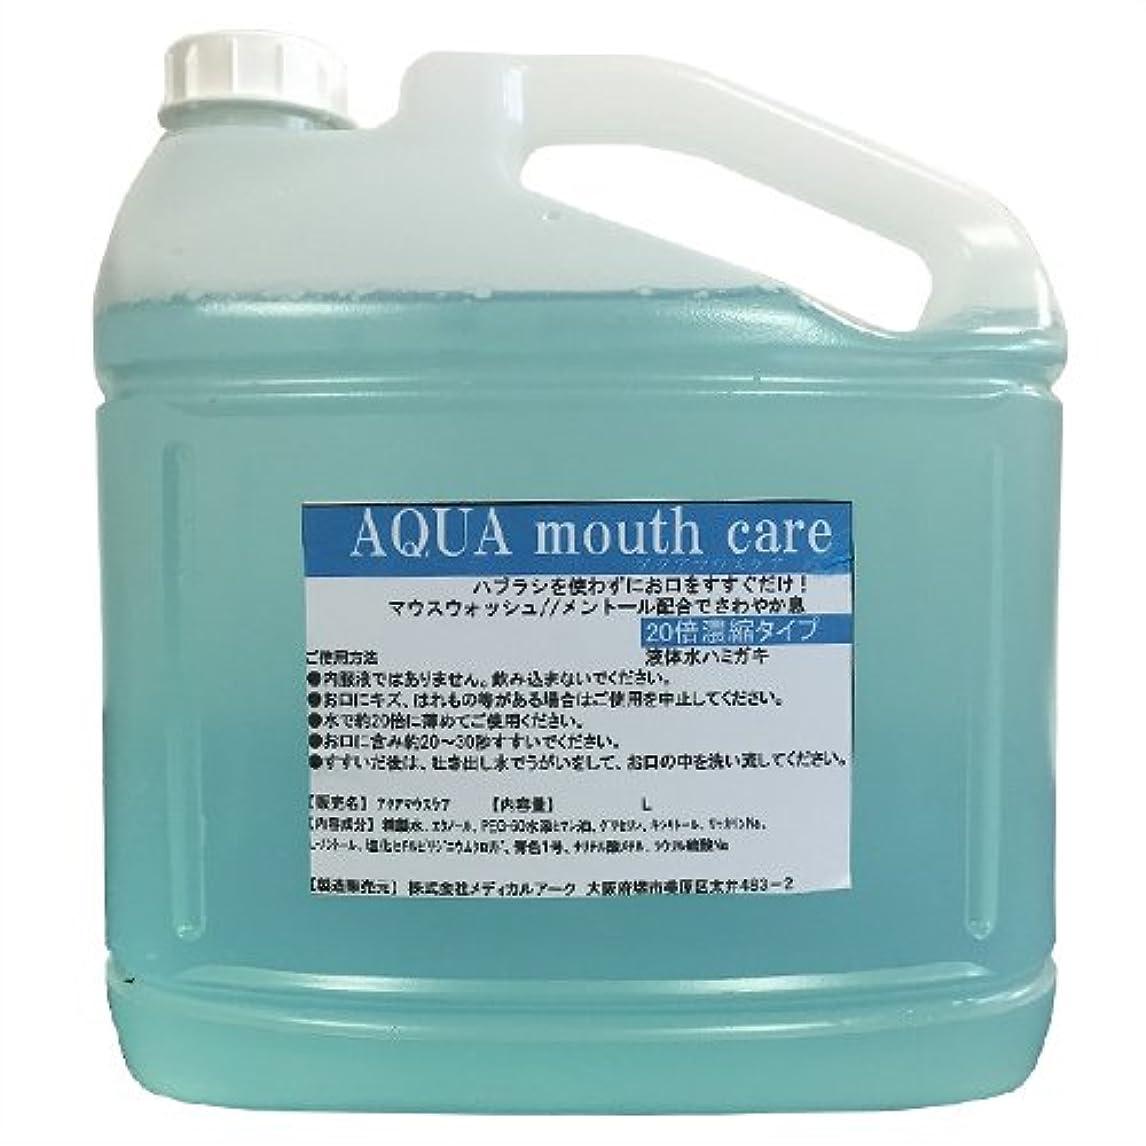 マイル起こる流産業務用洗口液 マウスウォッシュ アクアマウスケア (AQUA mouth care) 20倍濃縮タイプ 5L (詰め替えコック付き)